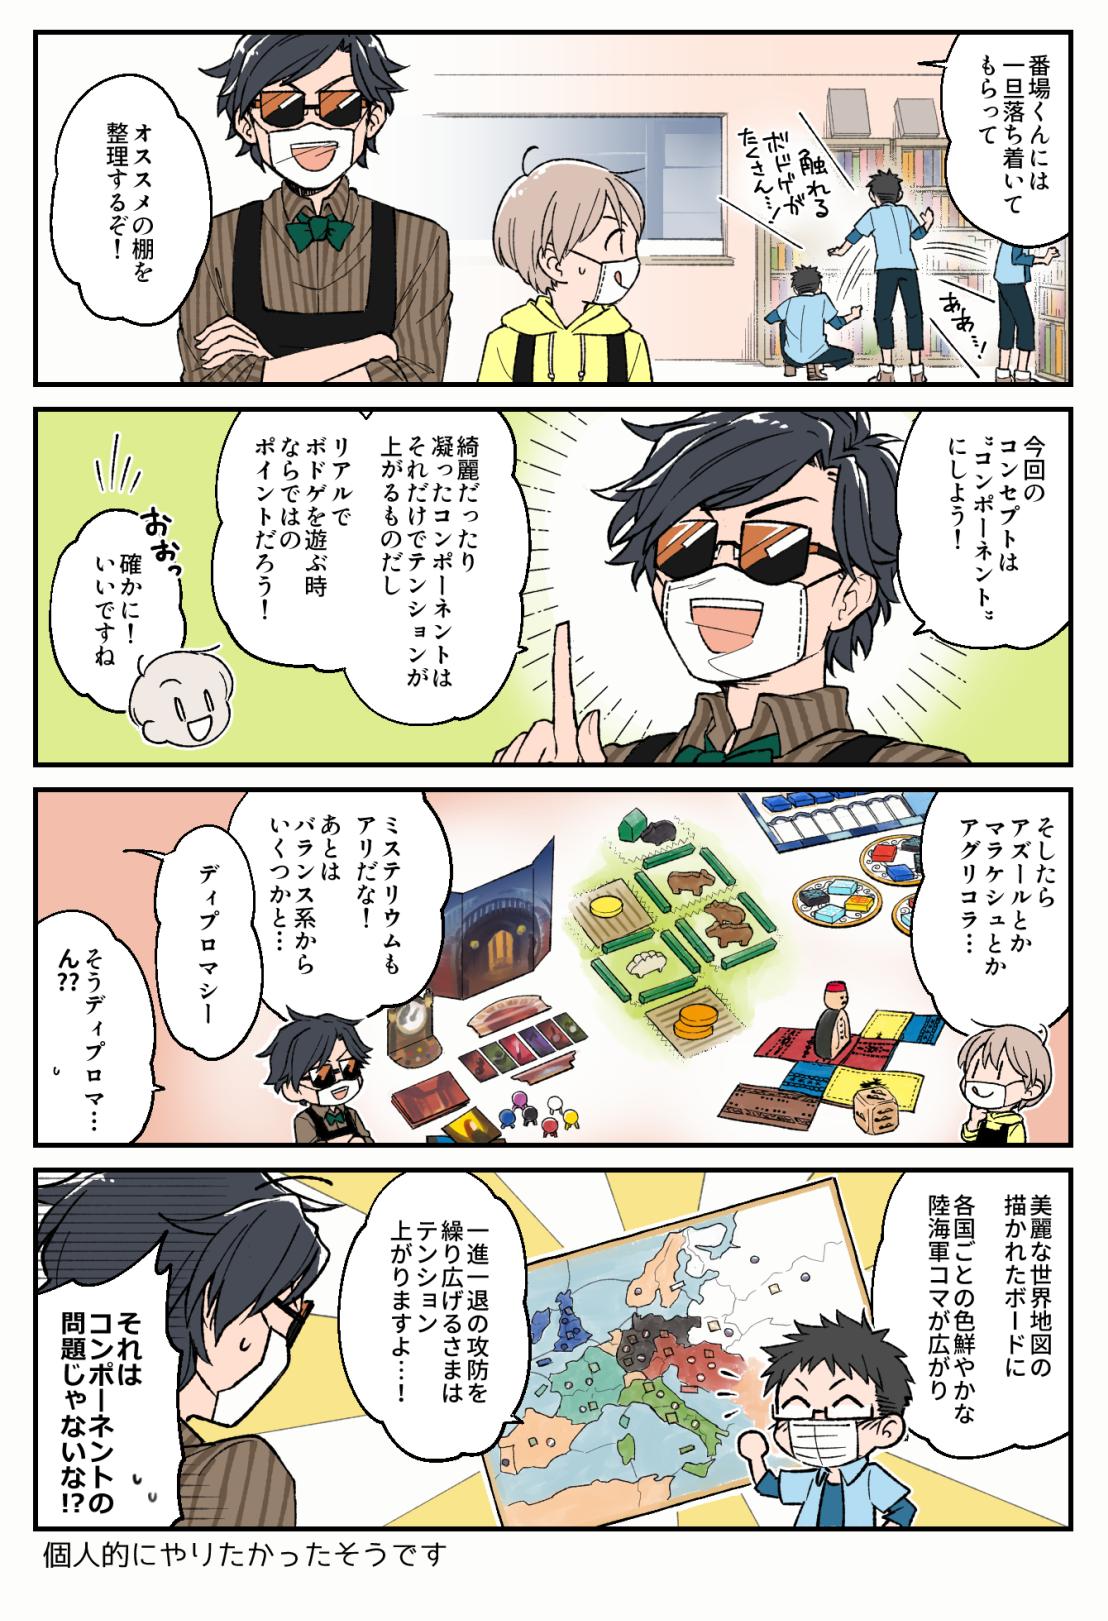 【4コマ漫画】ボしごとびより29